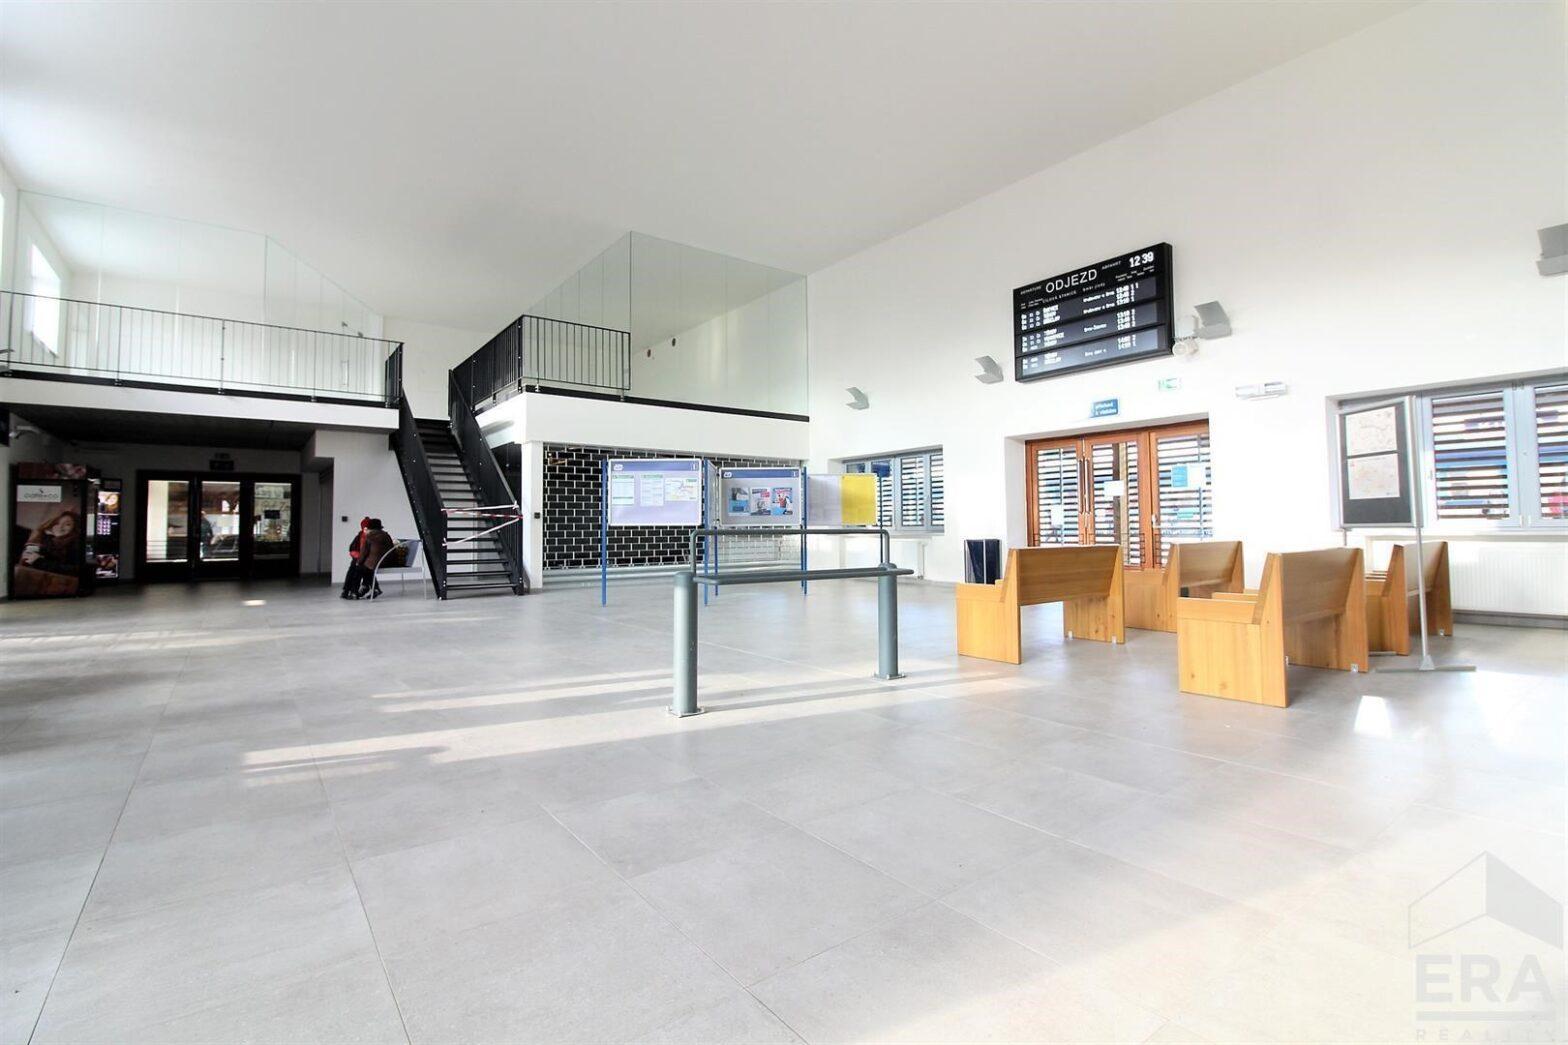 Pronájem komerčních prostor v hale nádraží Kuřim